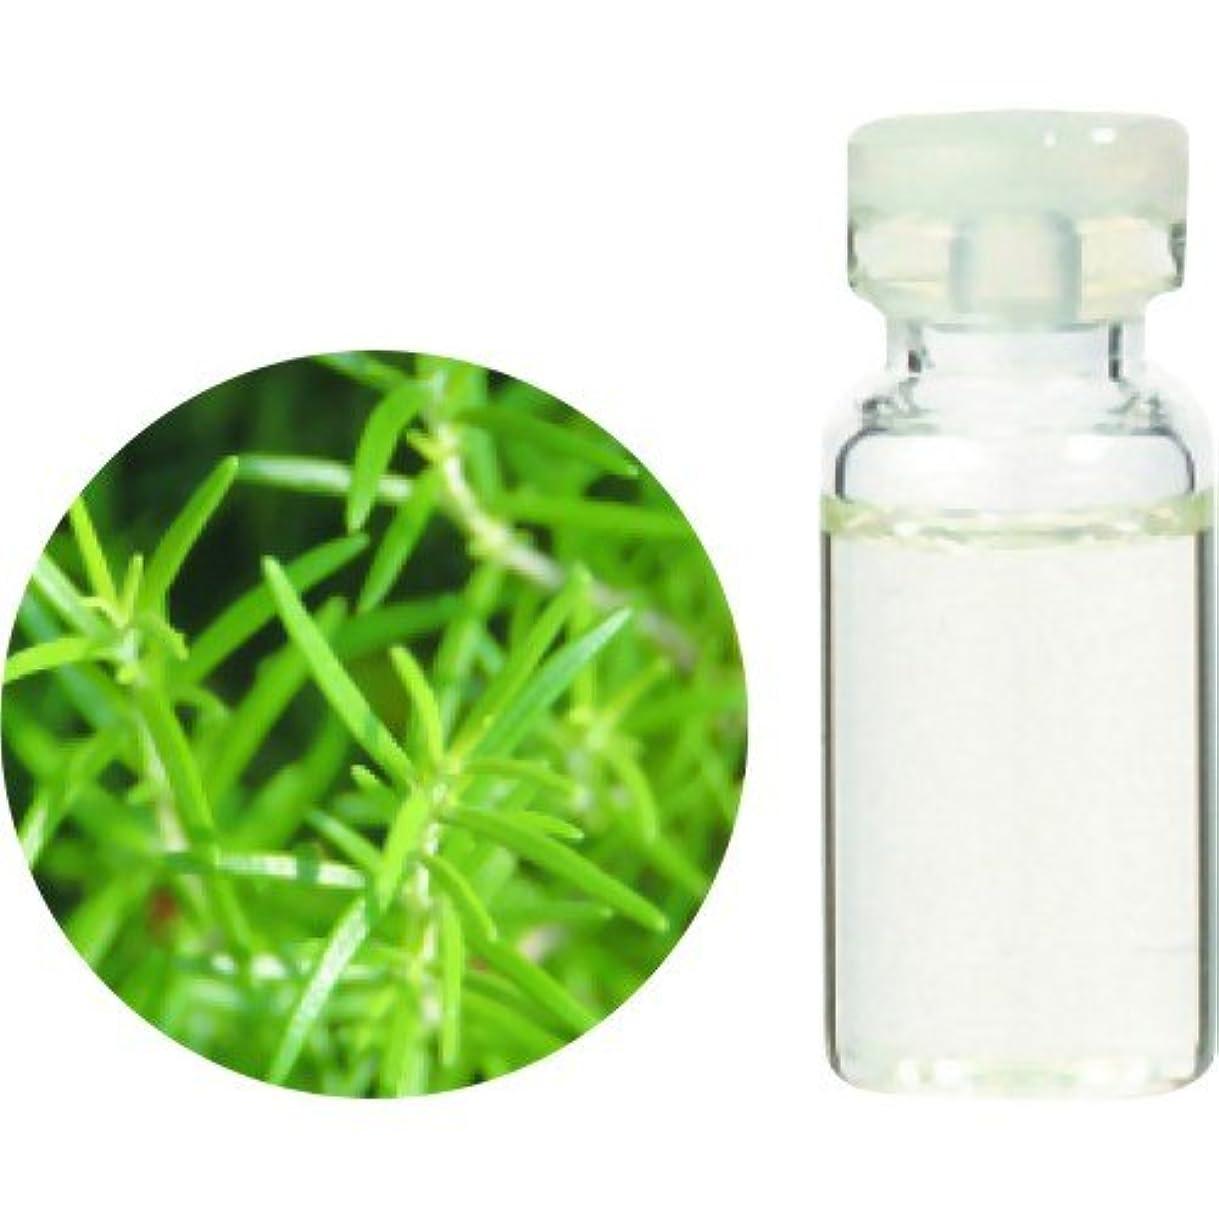 光沢のあるねじれ大生活の木 Herbal Life Organic ローズマリー?シネオール 10ml